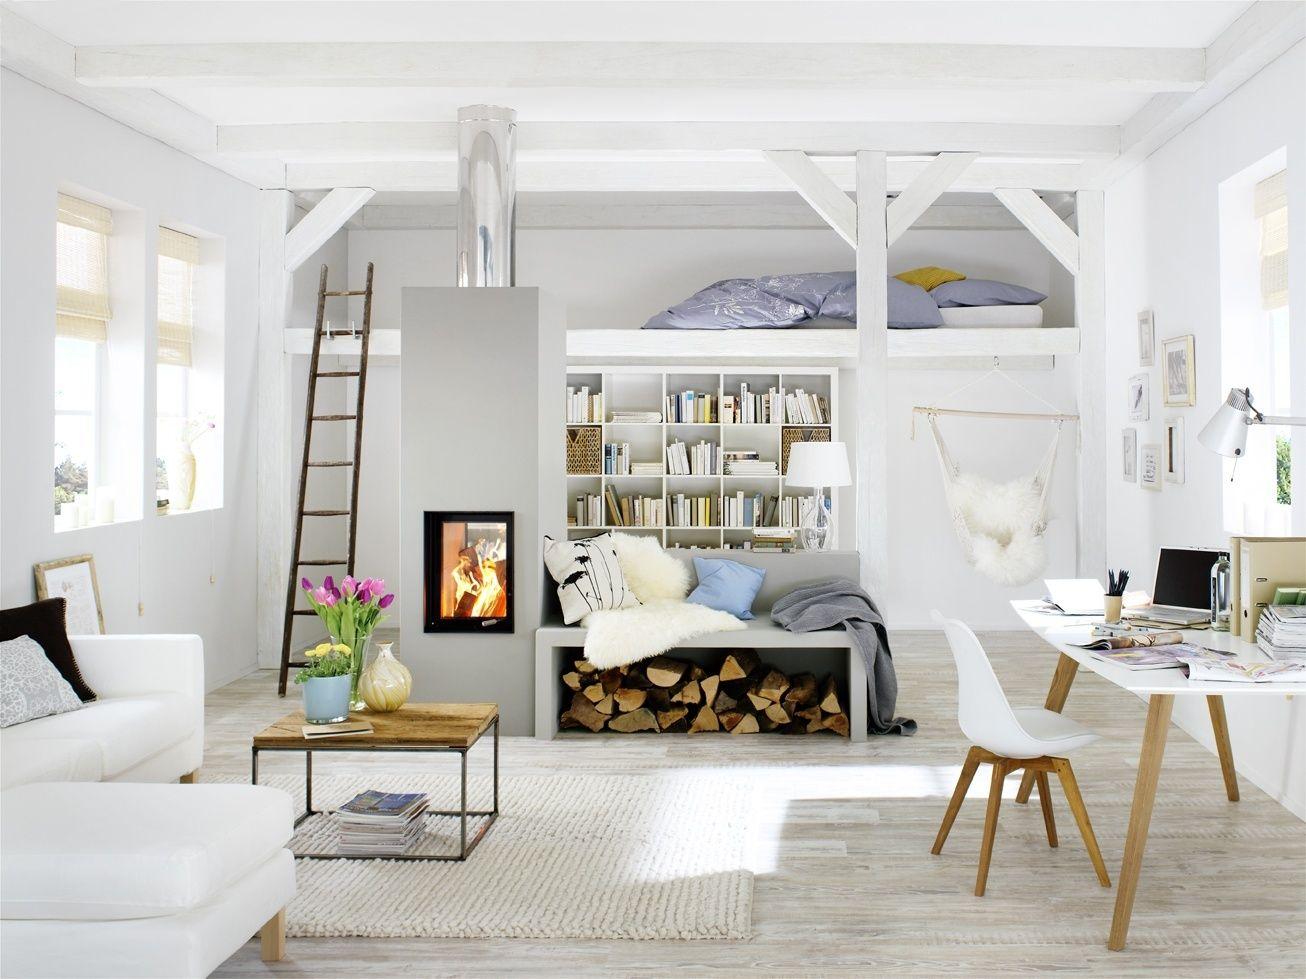 Holzaufbewahrung kinder pinterest - Holzaufbewahrung wohnzimmer ...